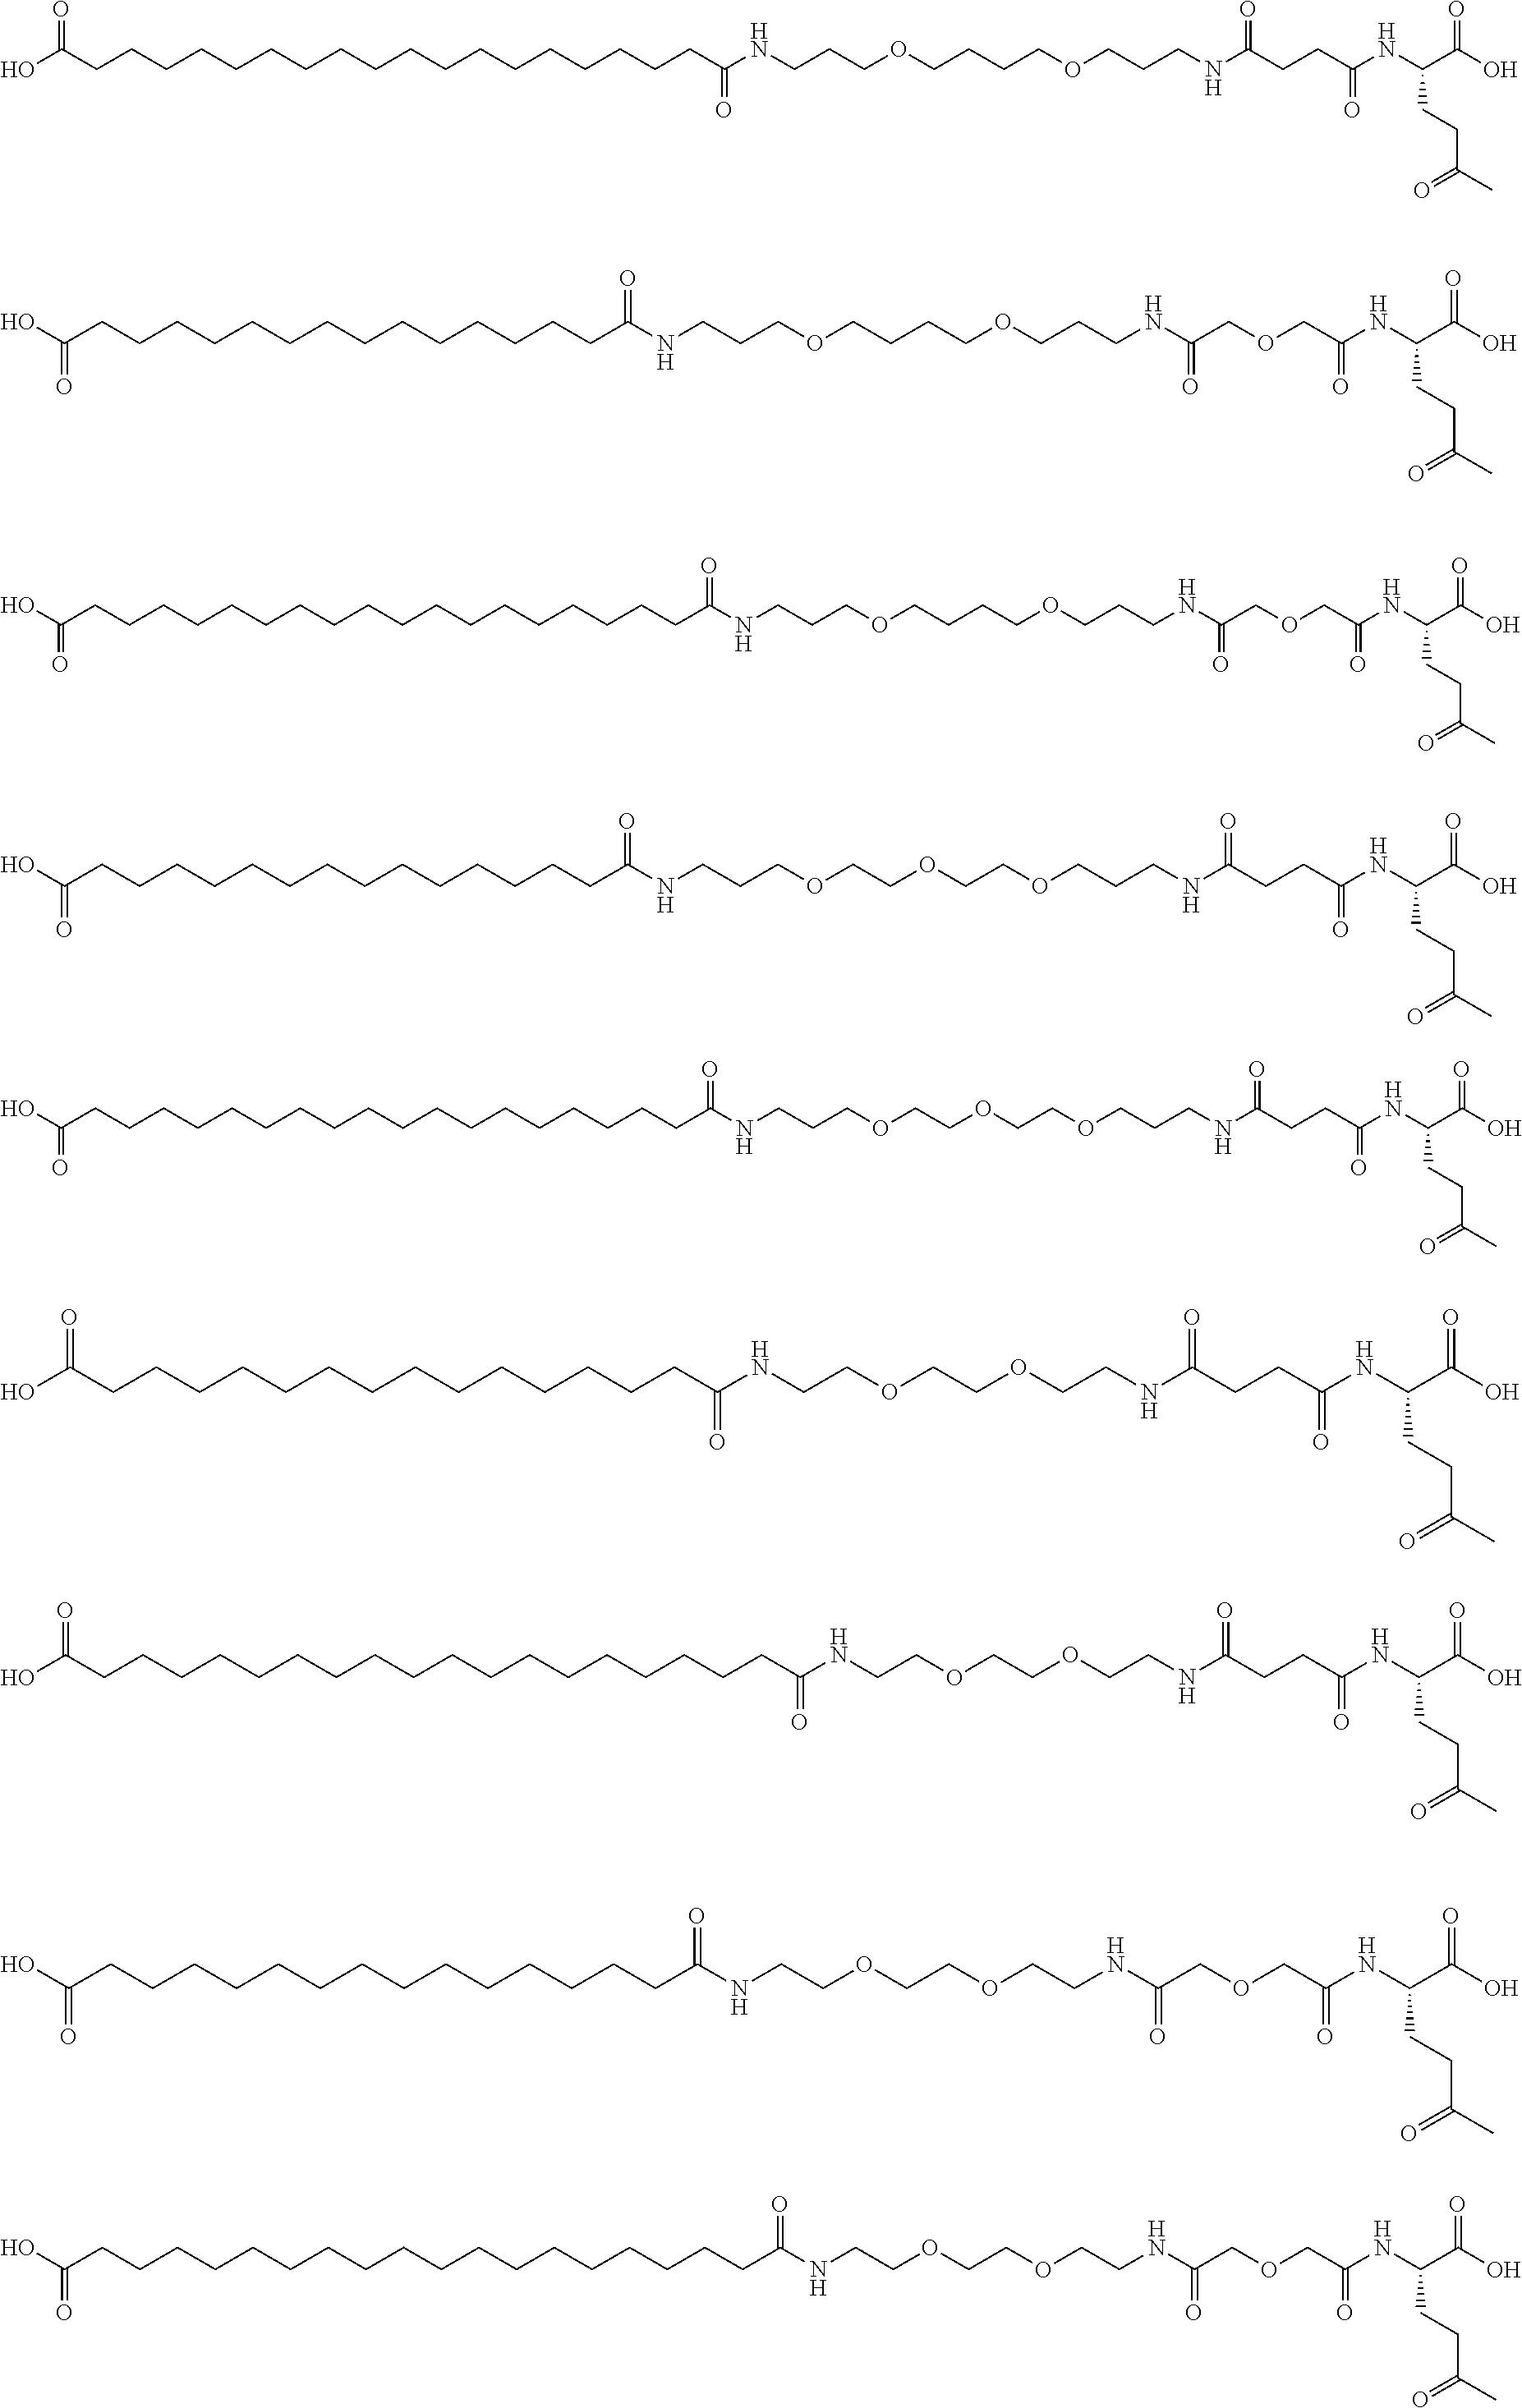 Figure US20180000742A1-20180104-C00010